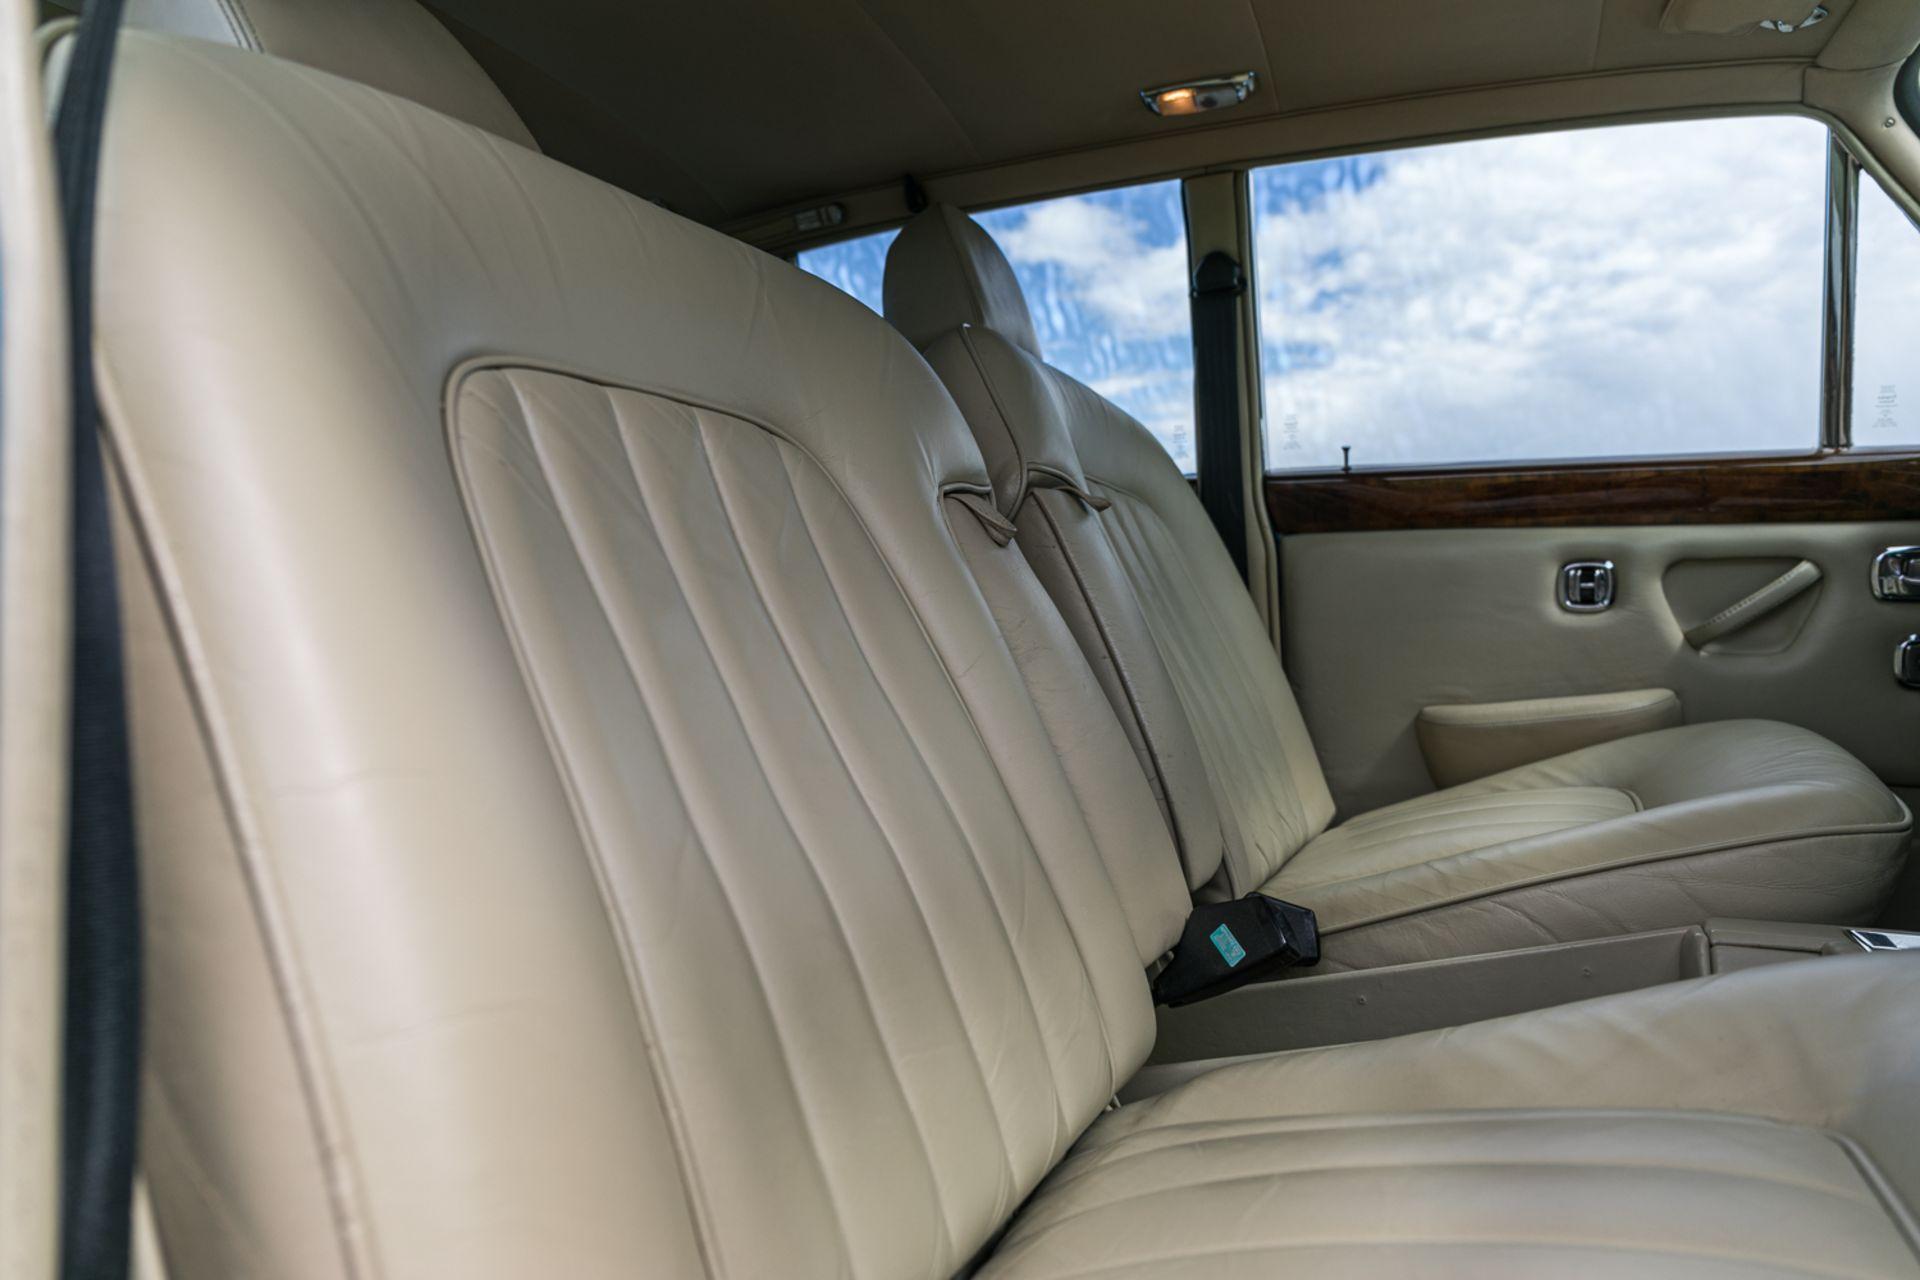 Lot 194 - 1978 Rolls-Royce Silver Shadow II